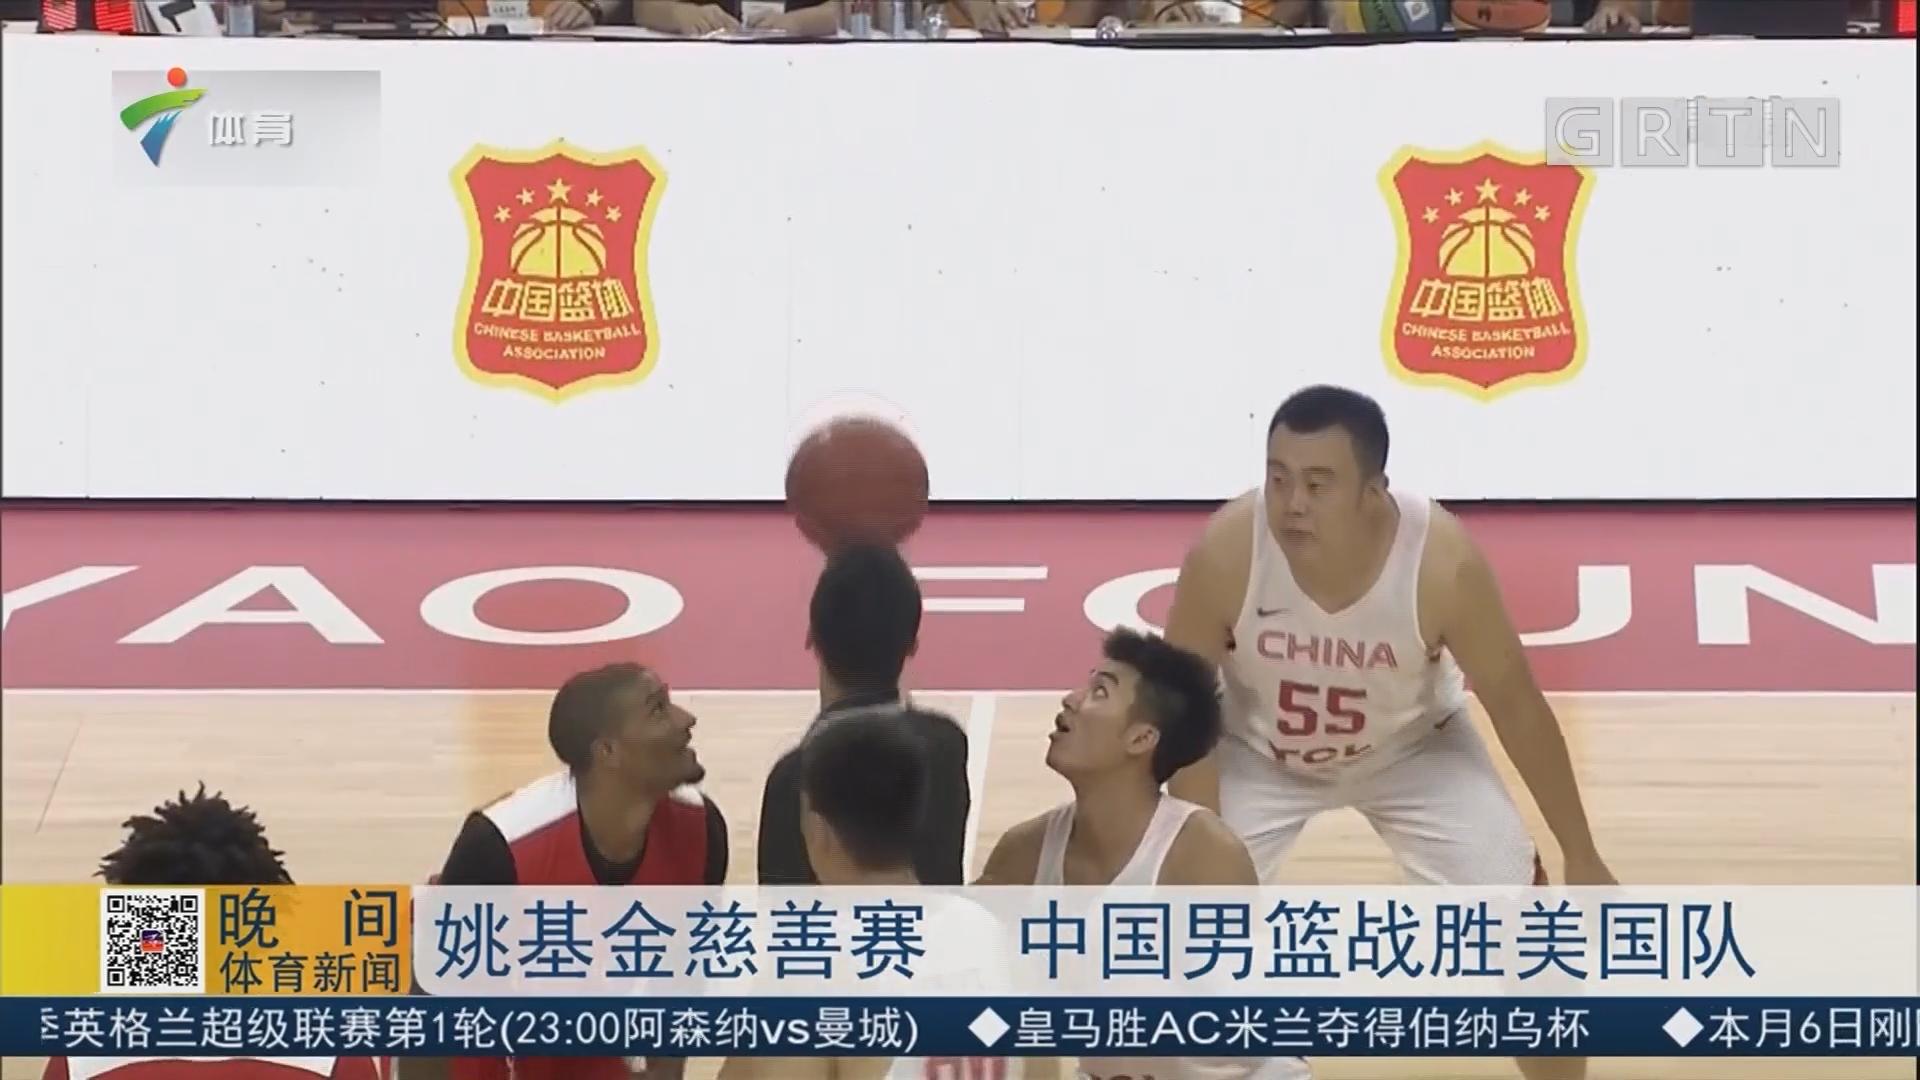 姚基金慈善赛 中国男篮战胜美国队